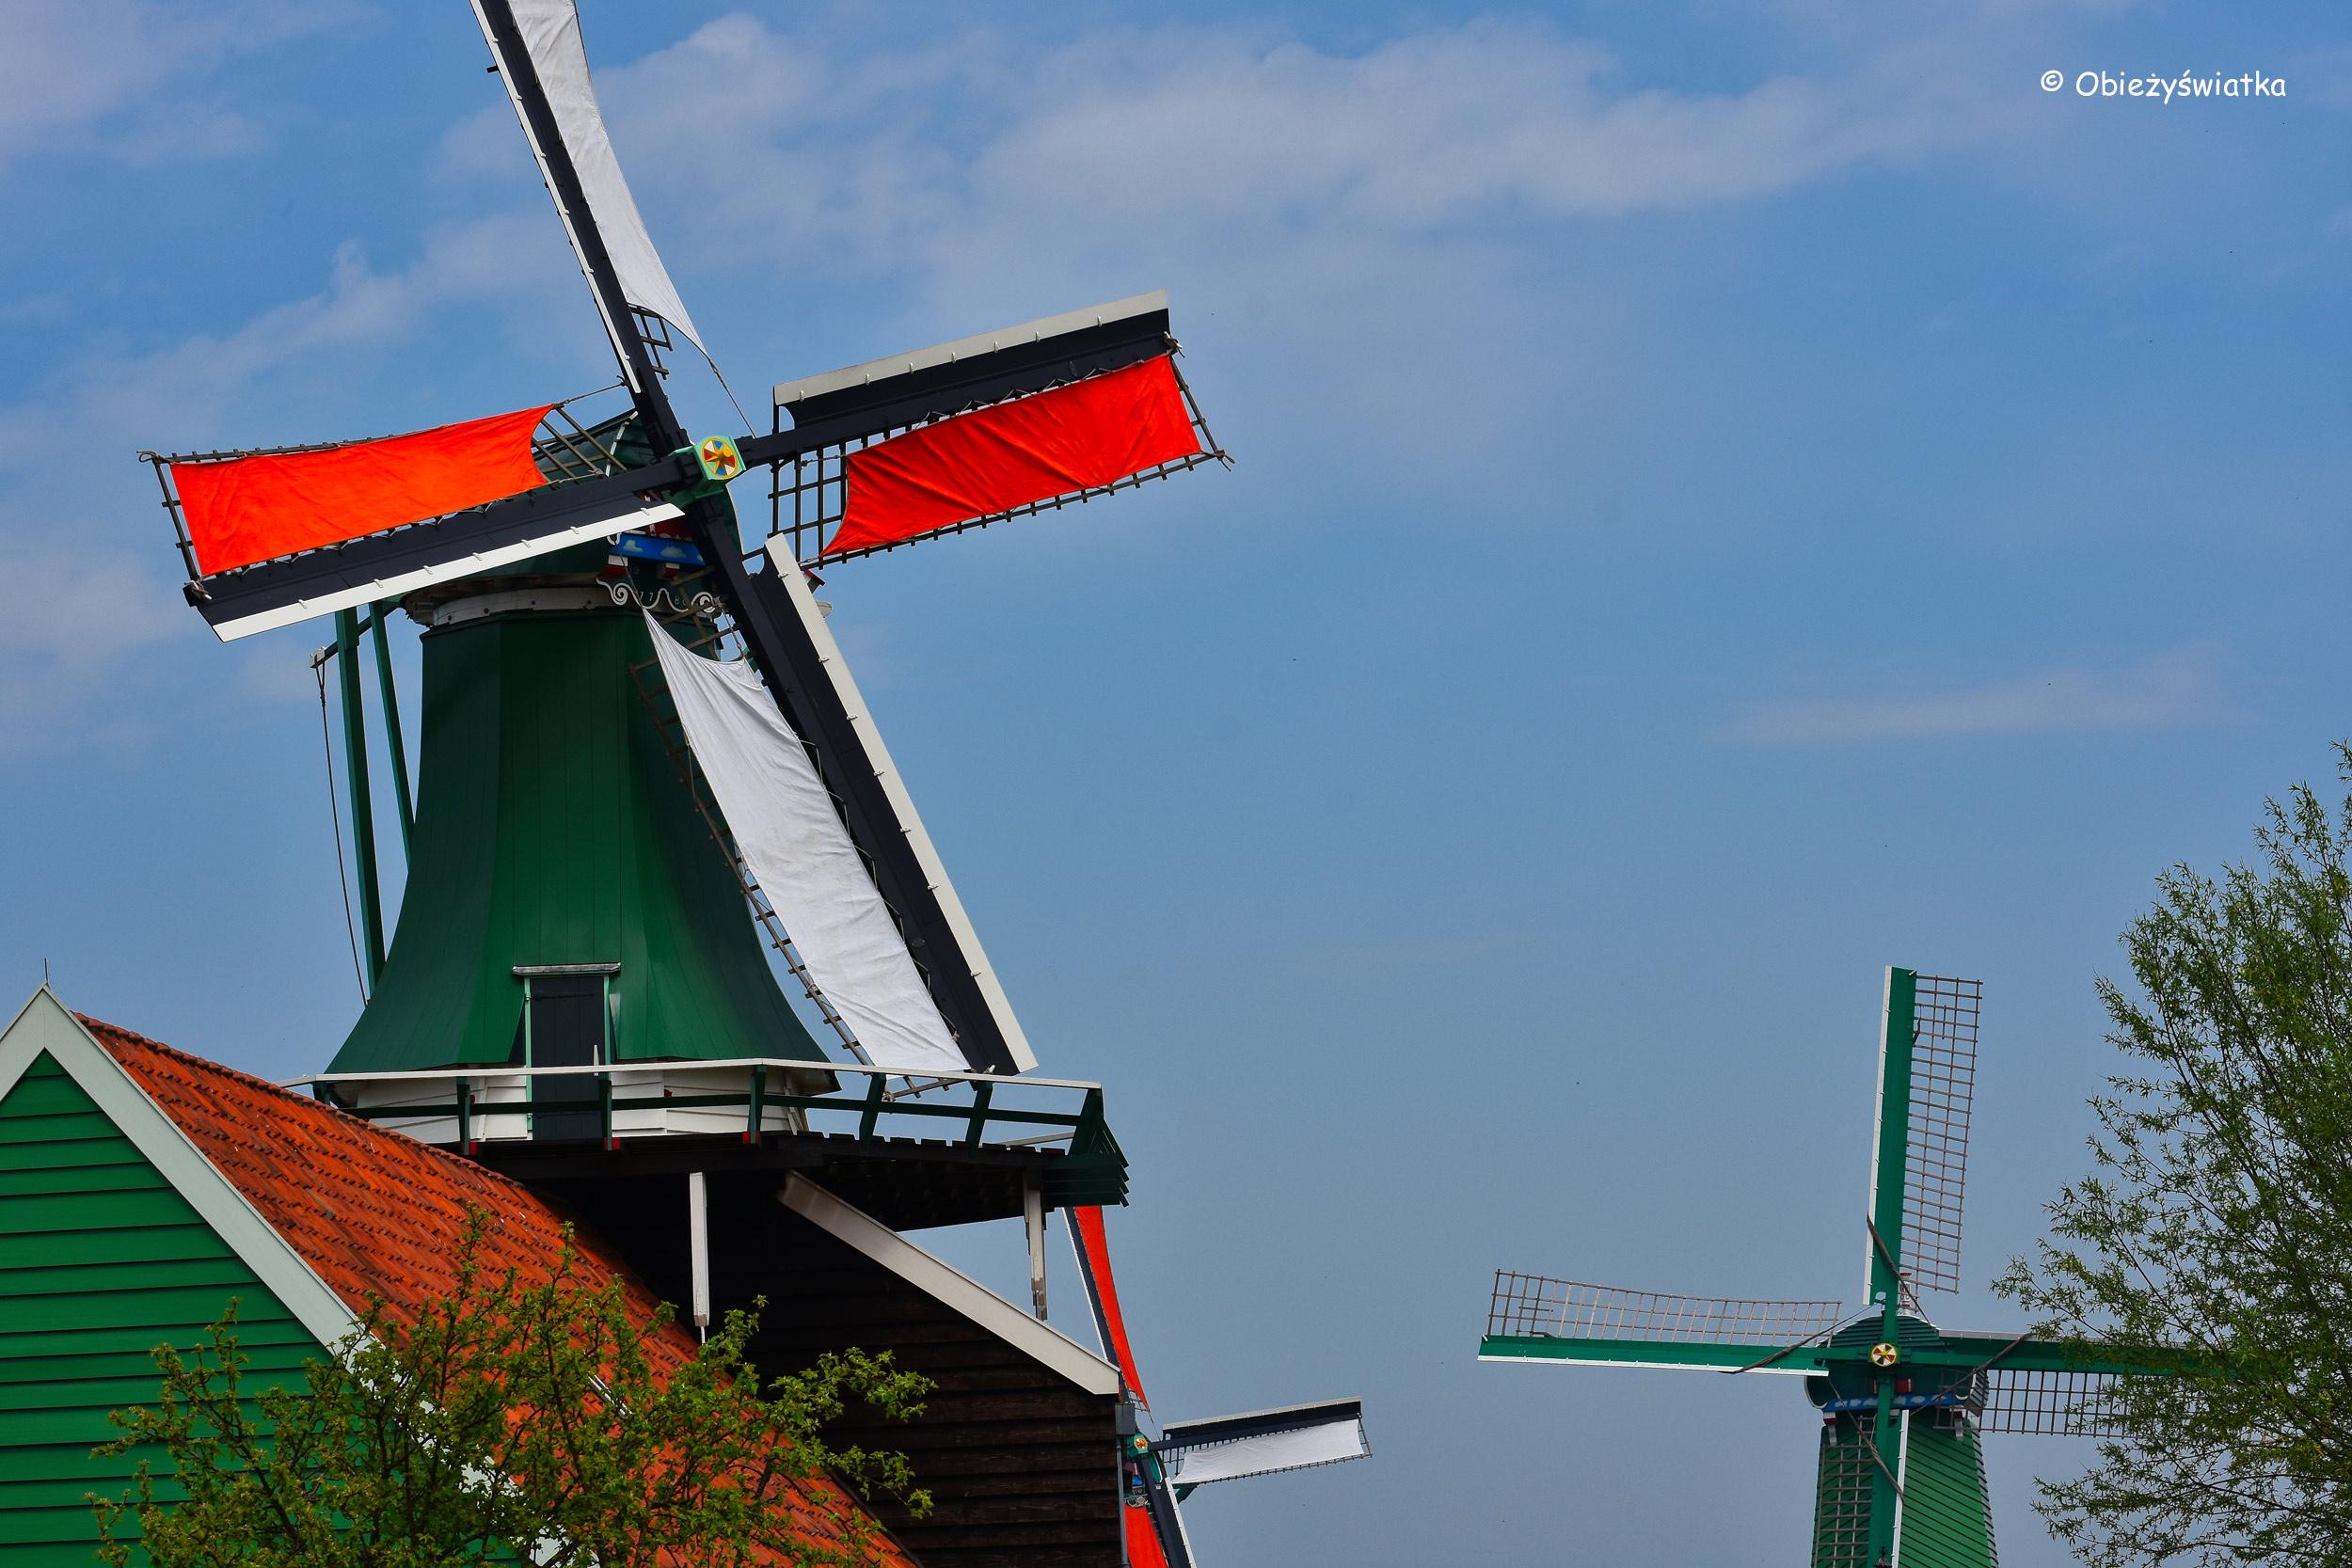 Zabytkowe młyny w skansenie Zaanse Schans, Holandia